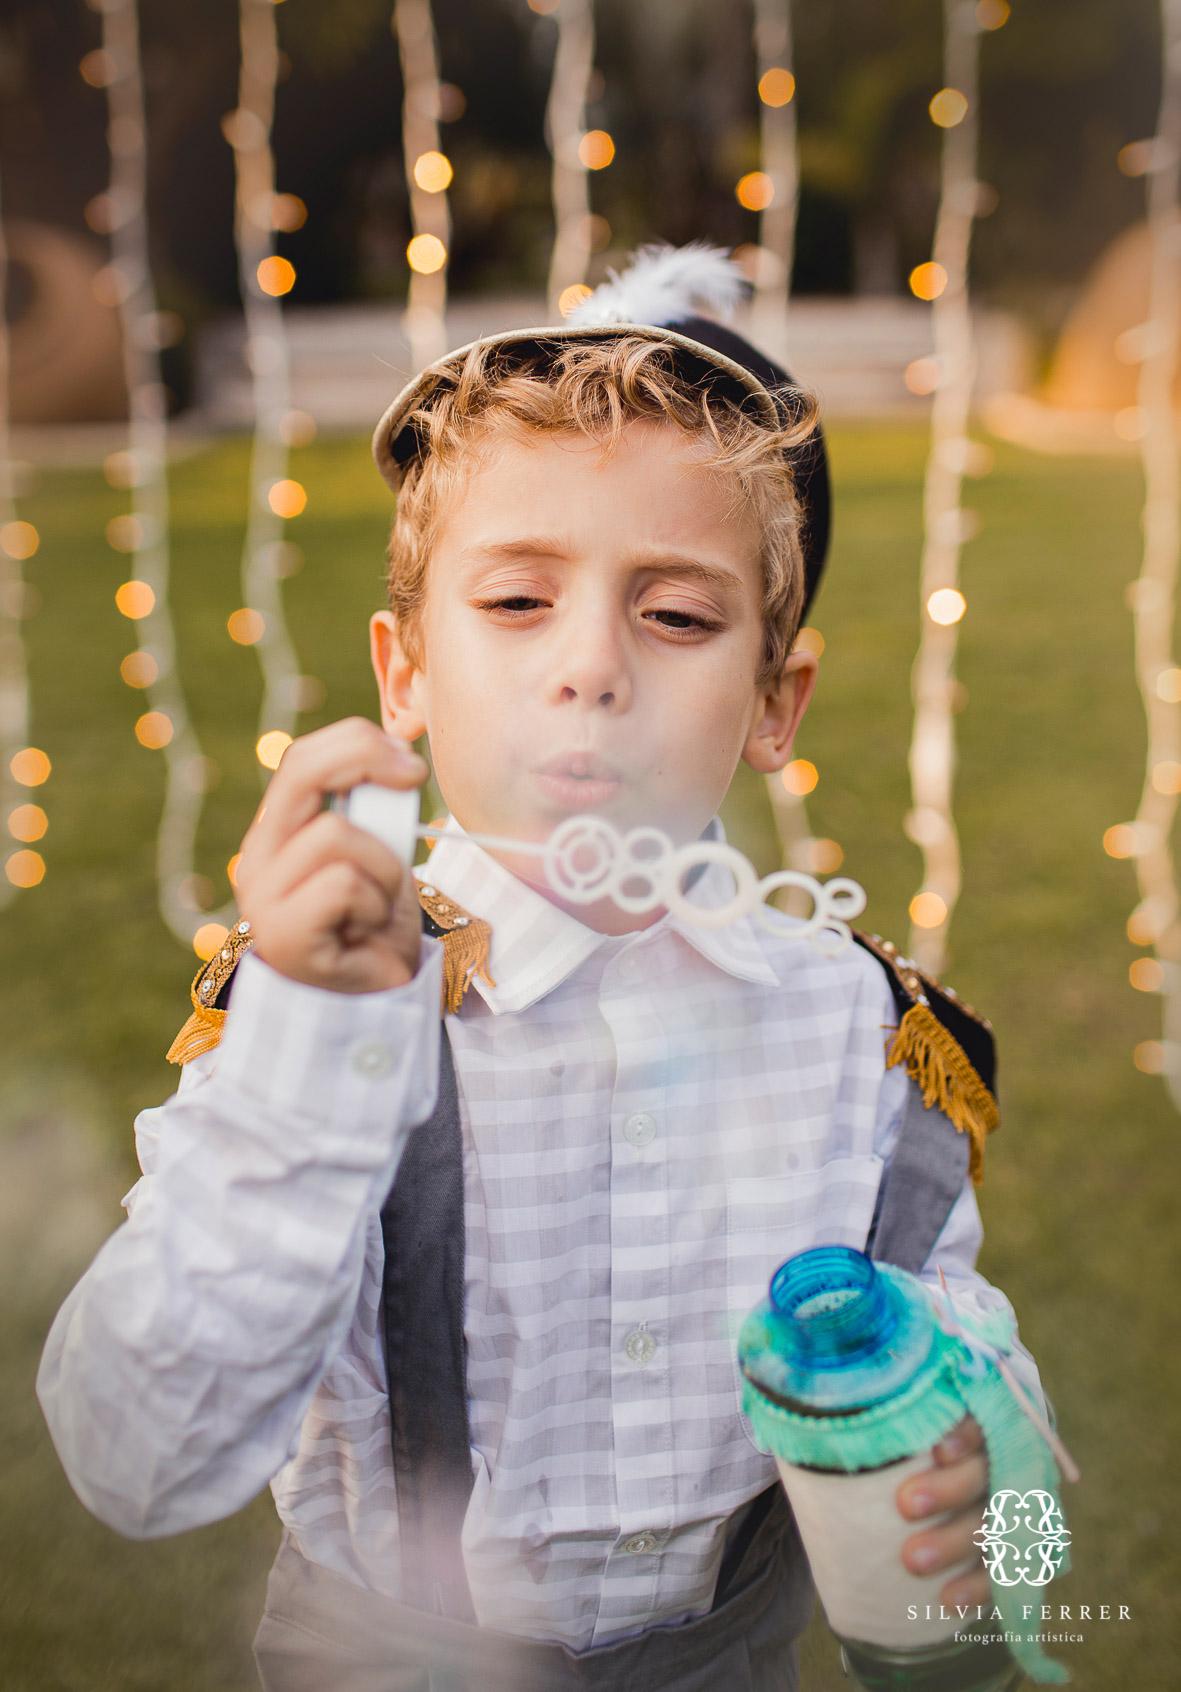 pompero soplando burbujas